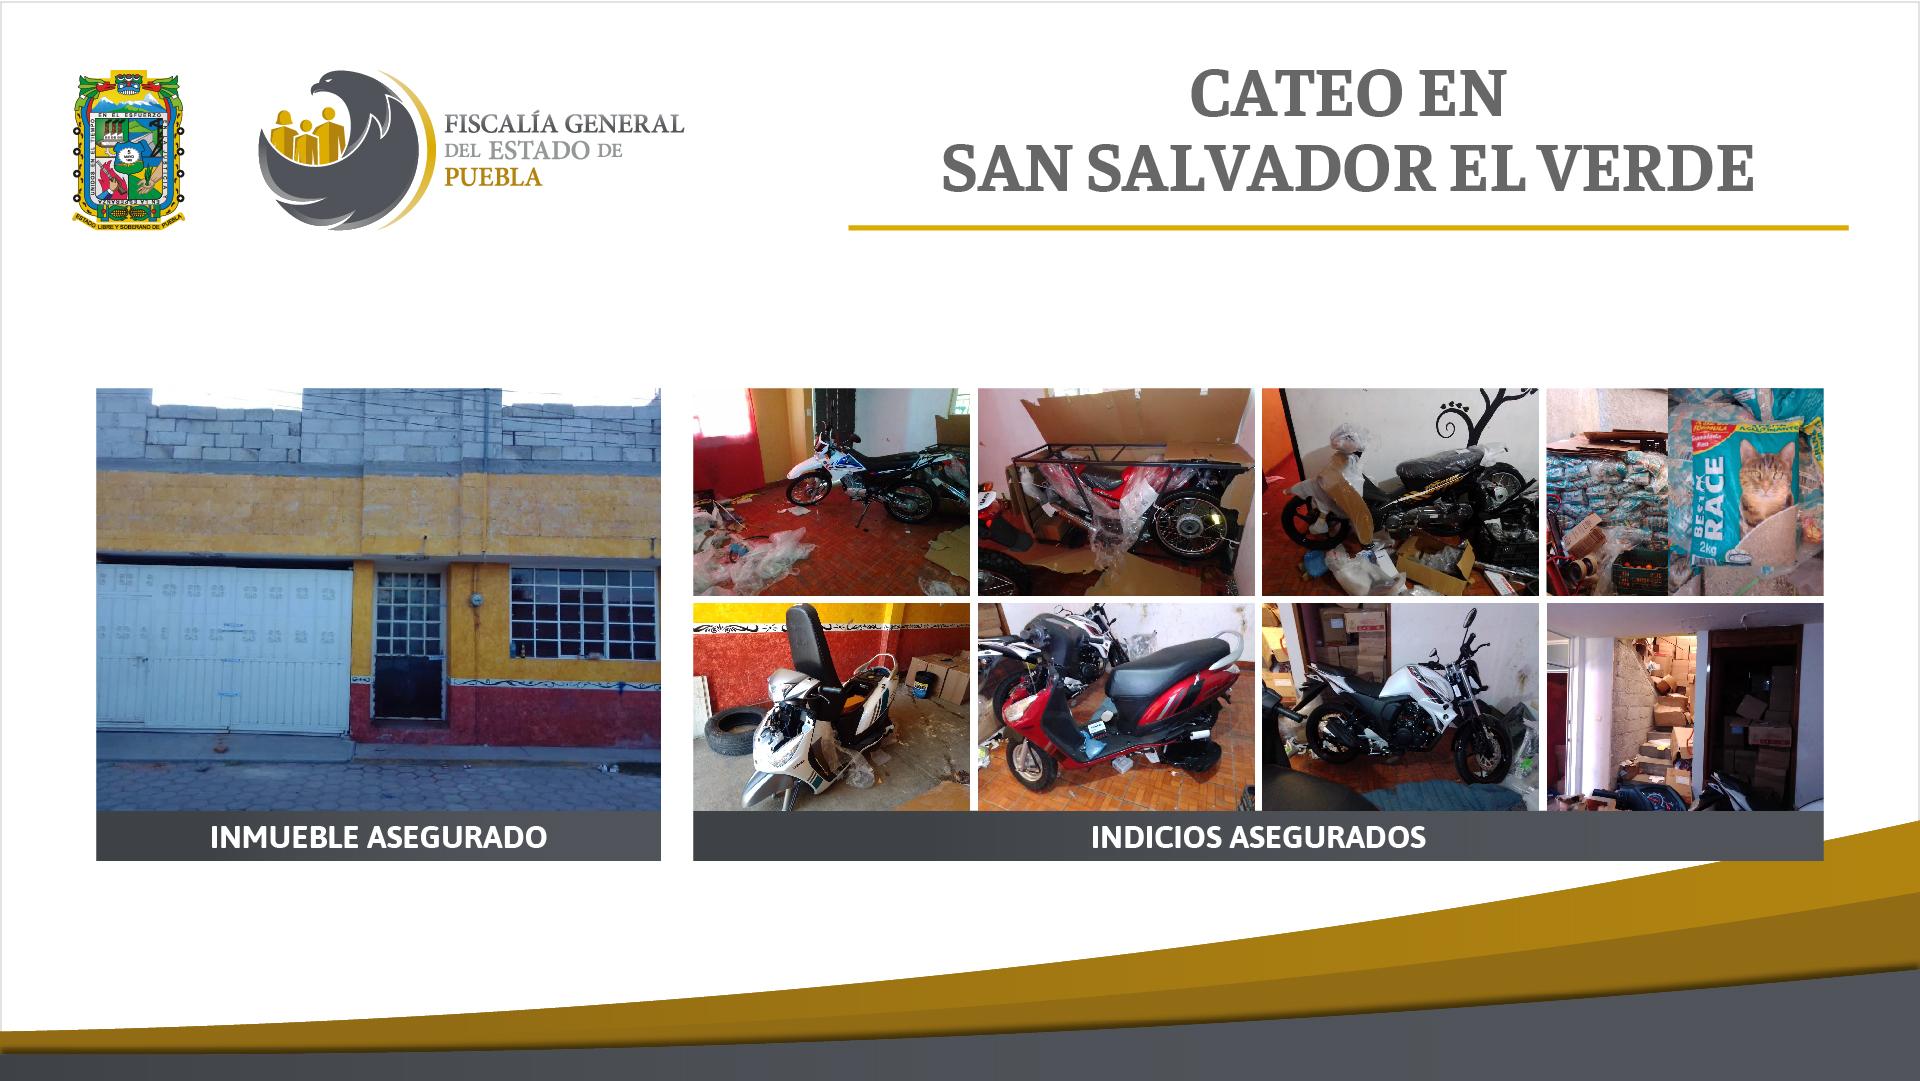 Cateo en San Salvador el Verde 01